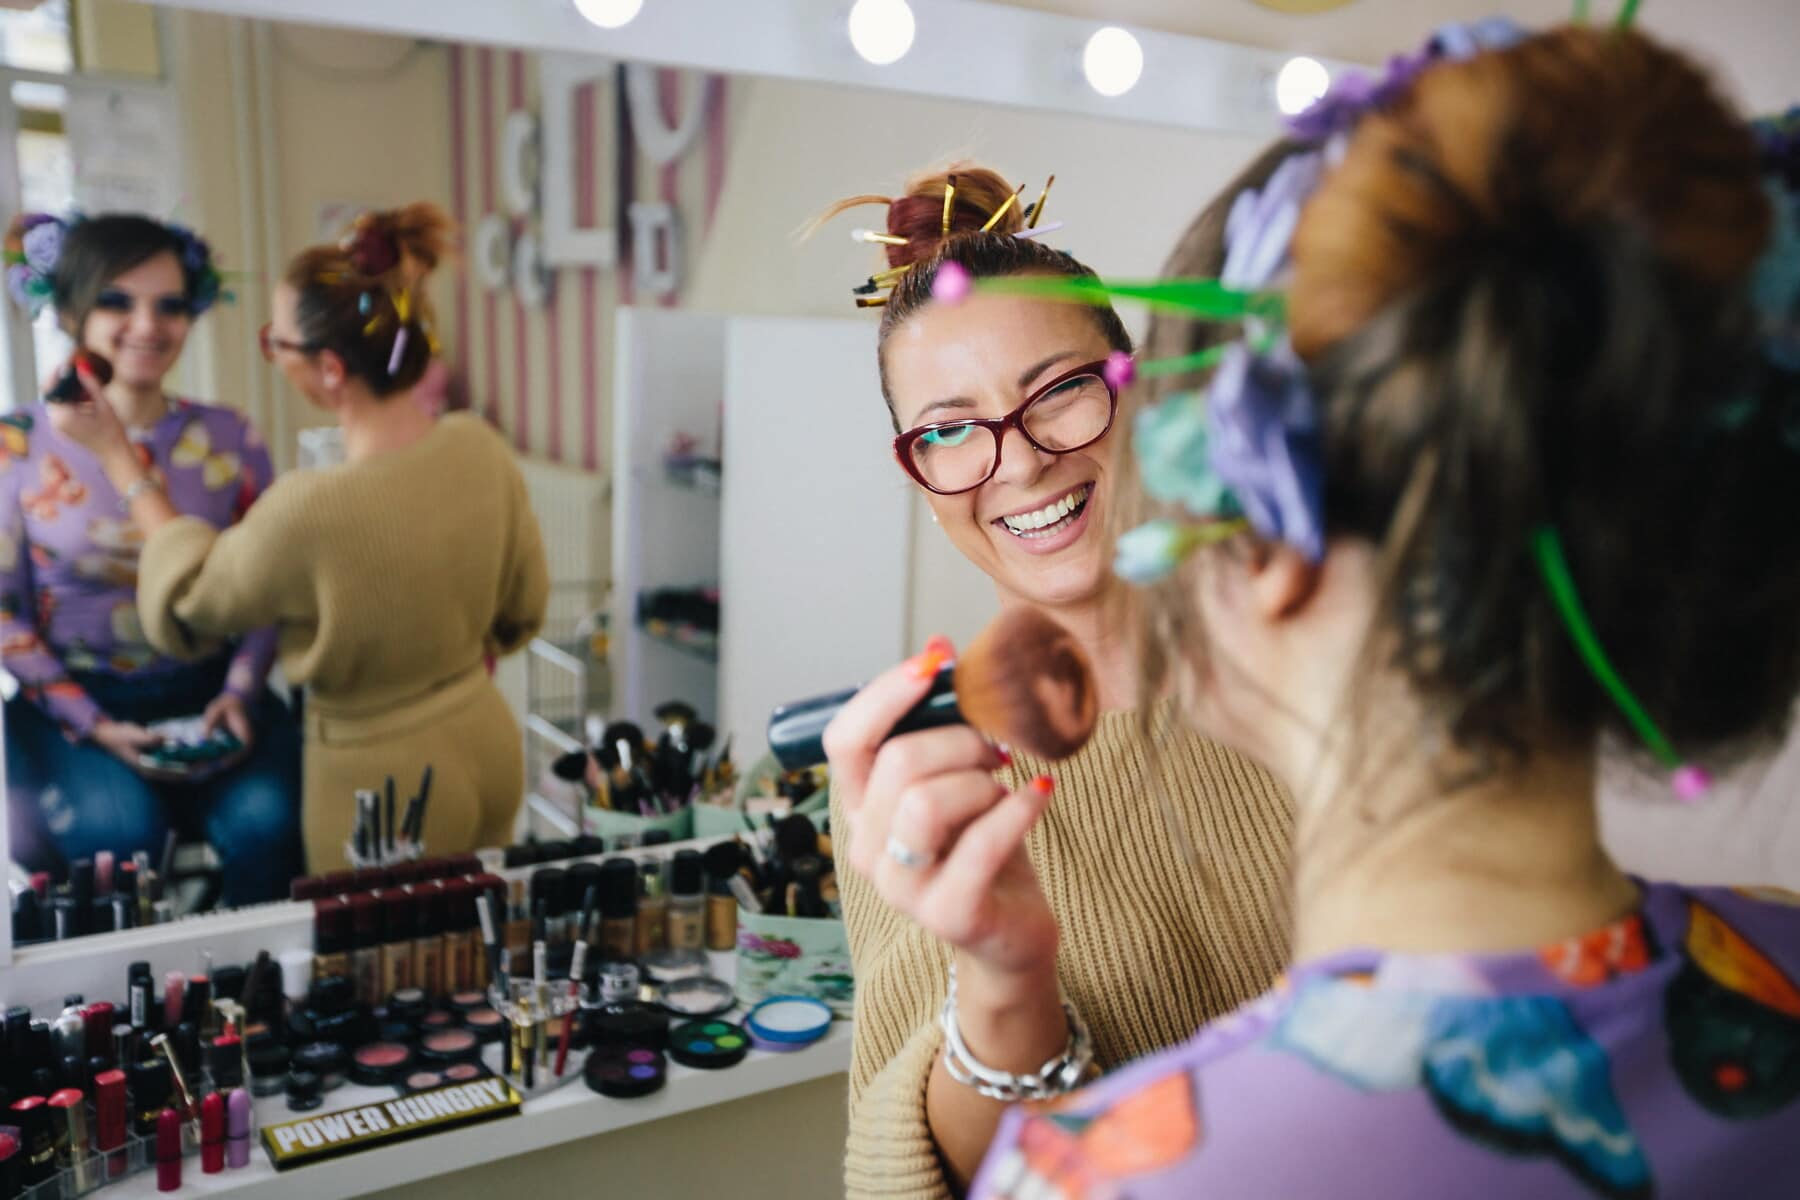 professionnel, studio, maquillage, coiffeur, Shopper, souriant, femmes, commerçant, gens, femme